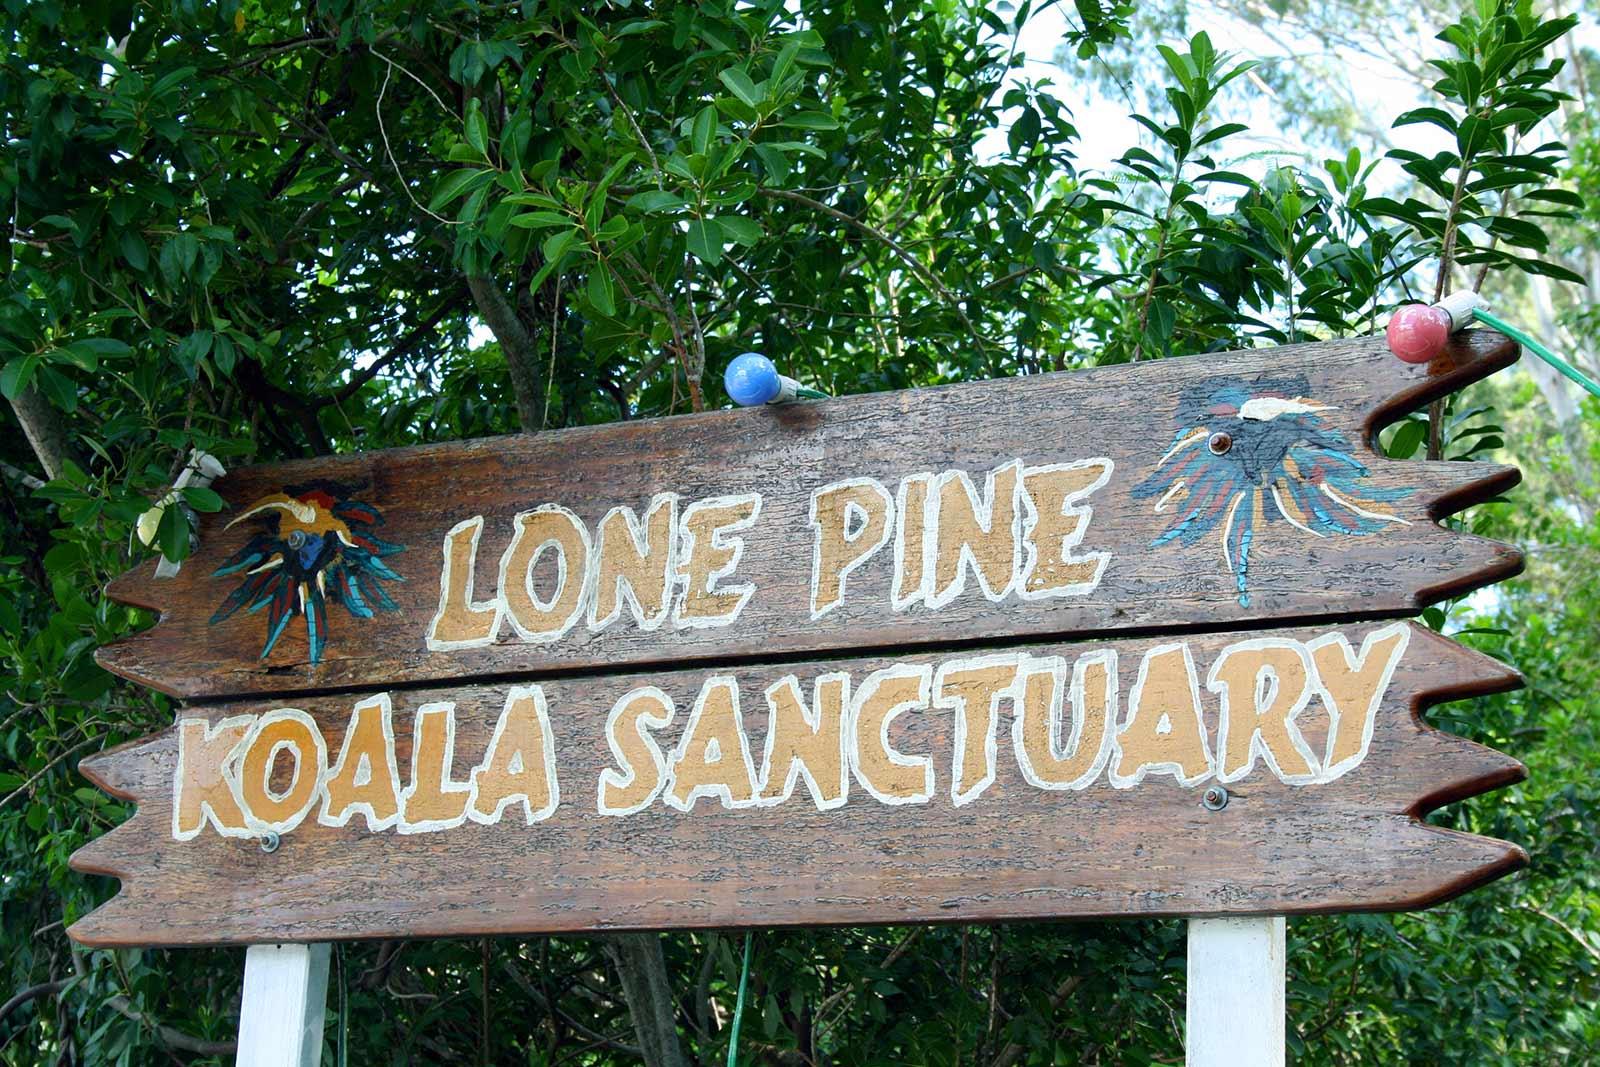 Sehenswürdigkeiten in Brisbane, Australien: Lone Pine Koala Sanctuary